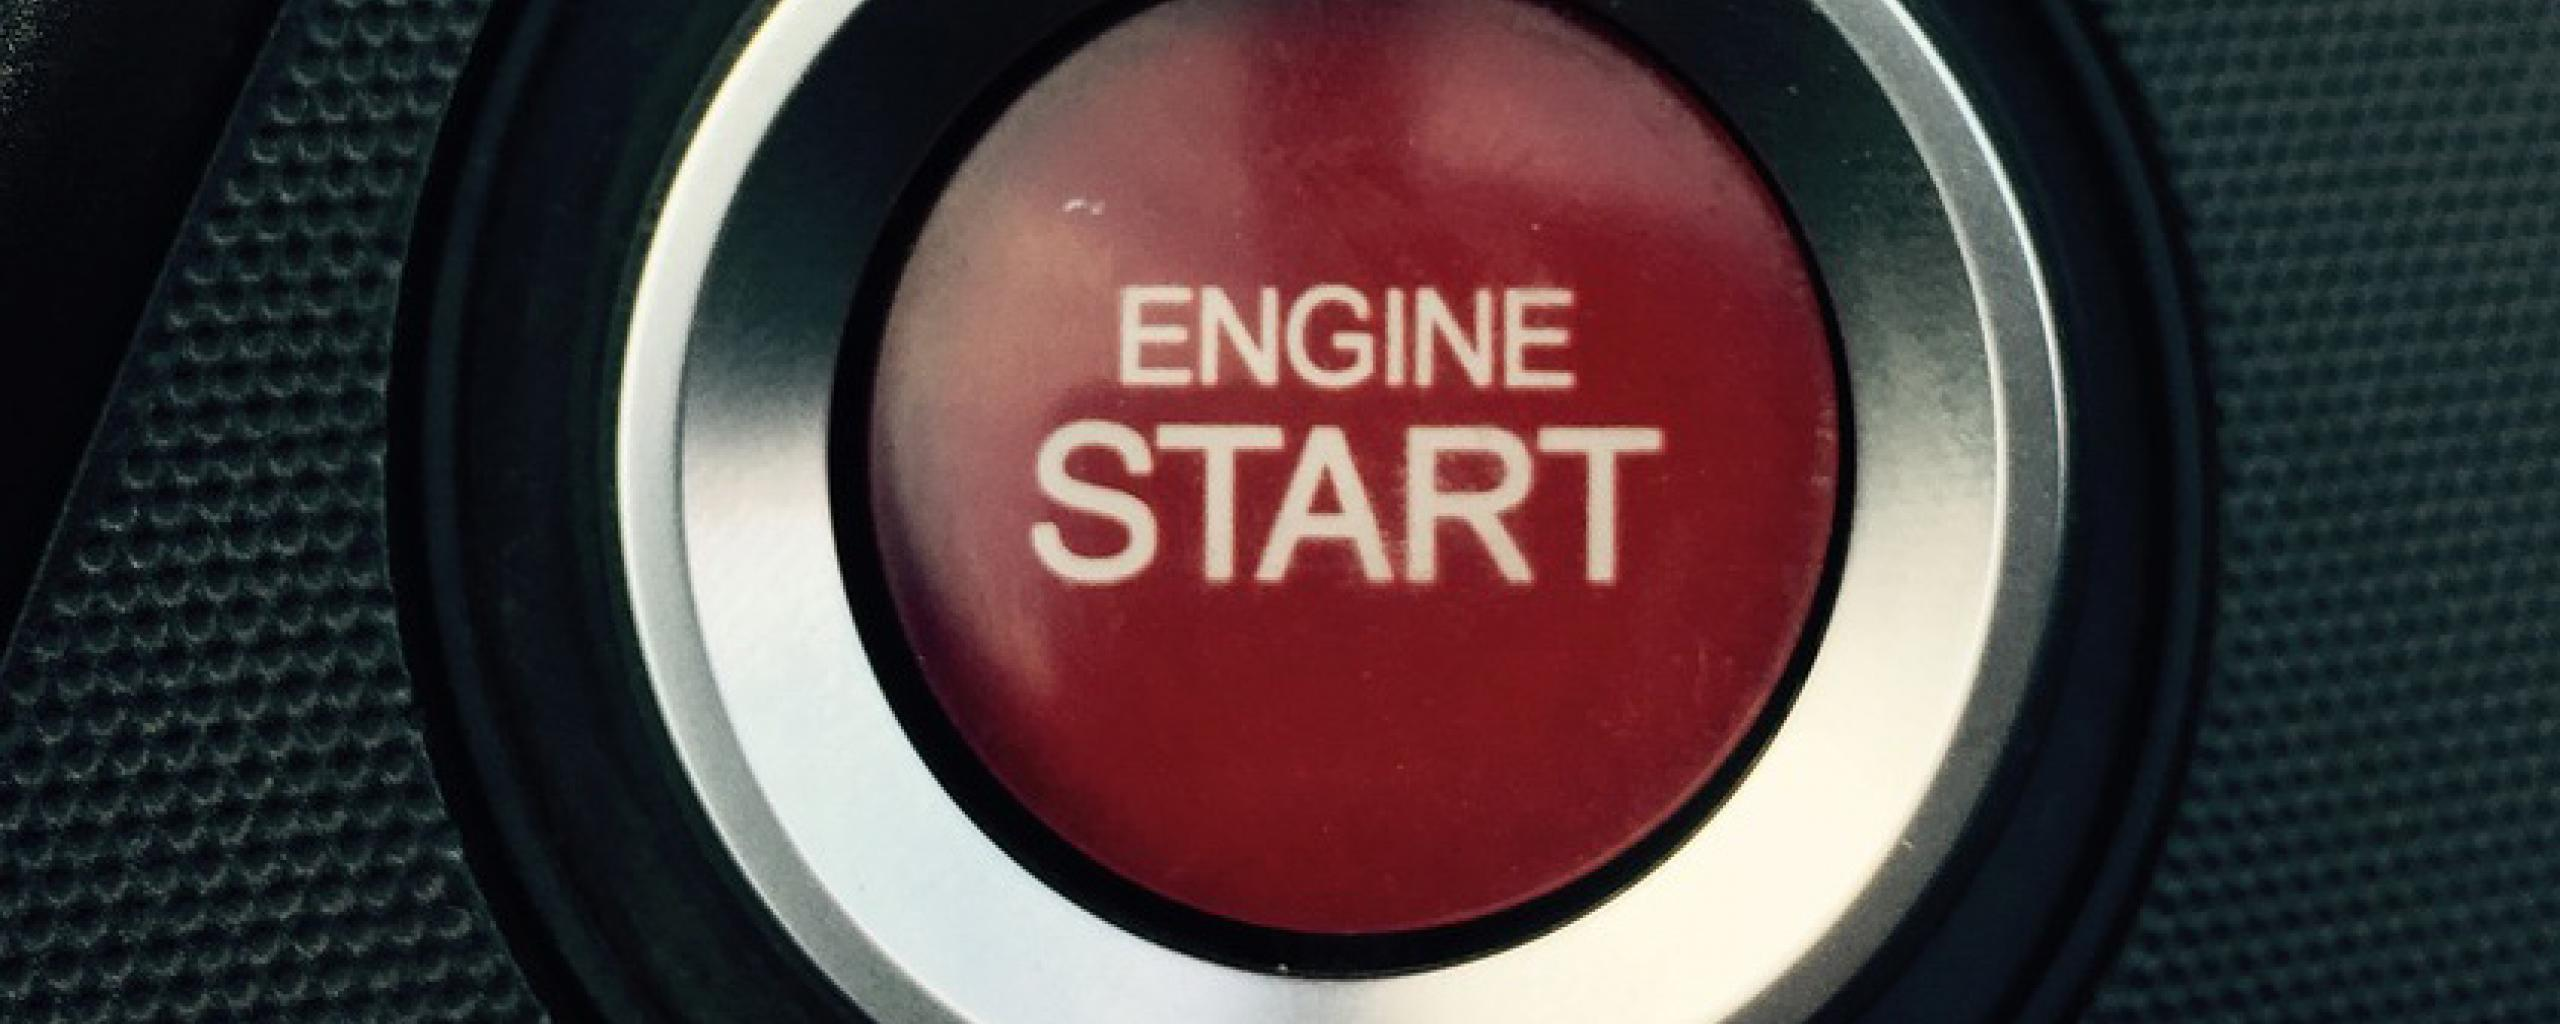 Engine Start